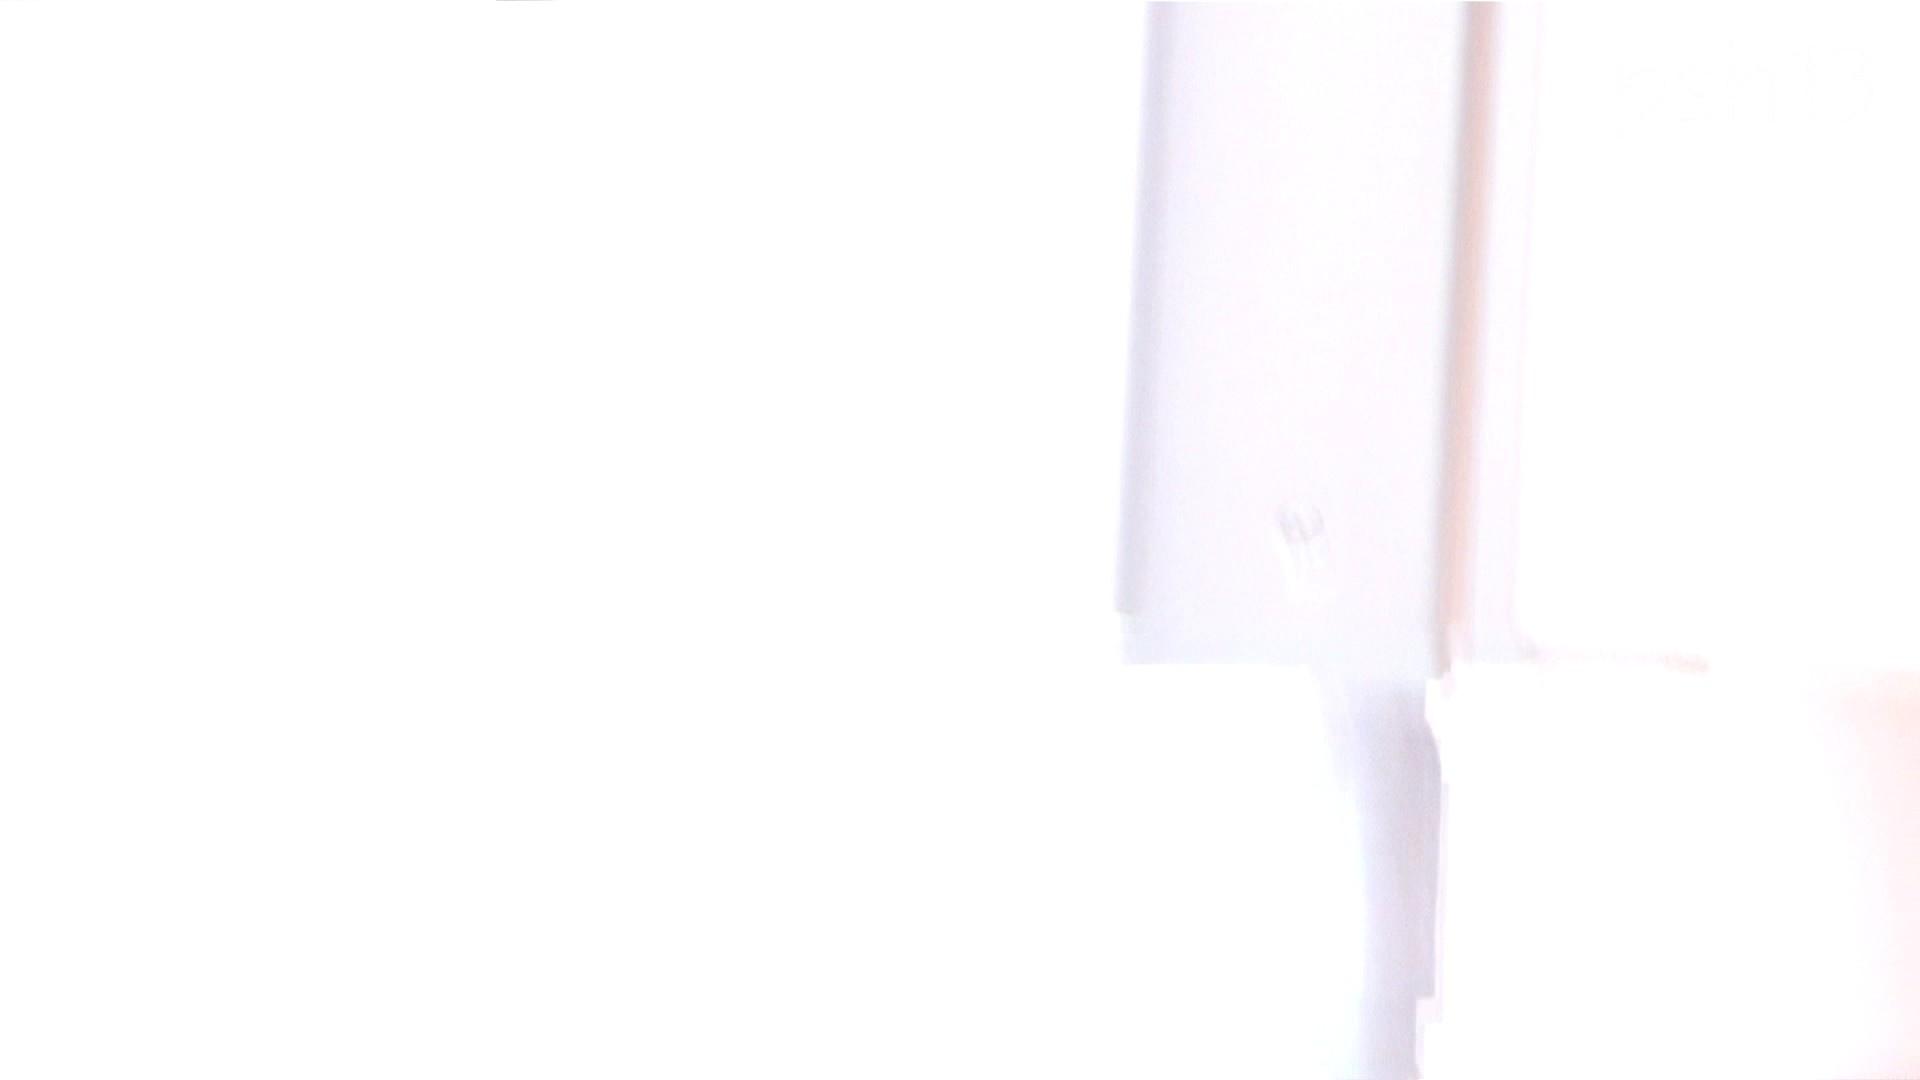 ▲復活限定▲ハイビジョン 盗神伝 Vol.13 丸見え | お姉さん攻略  82画像 61